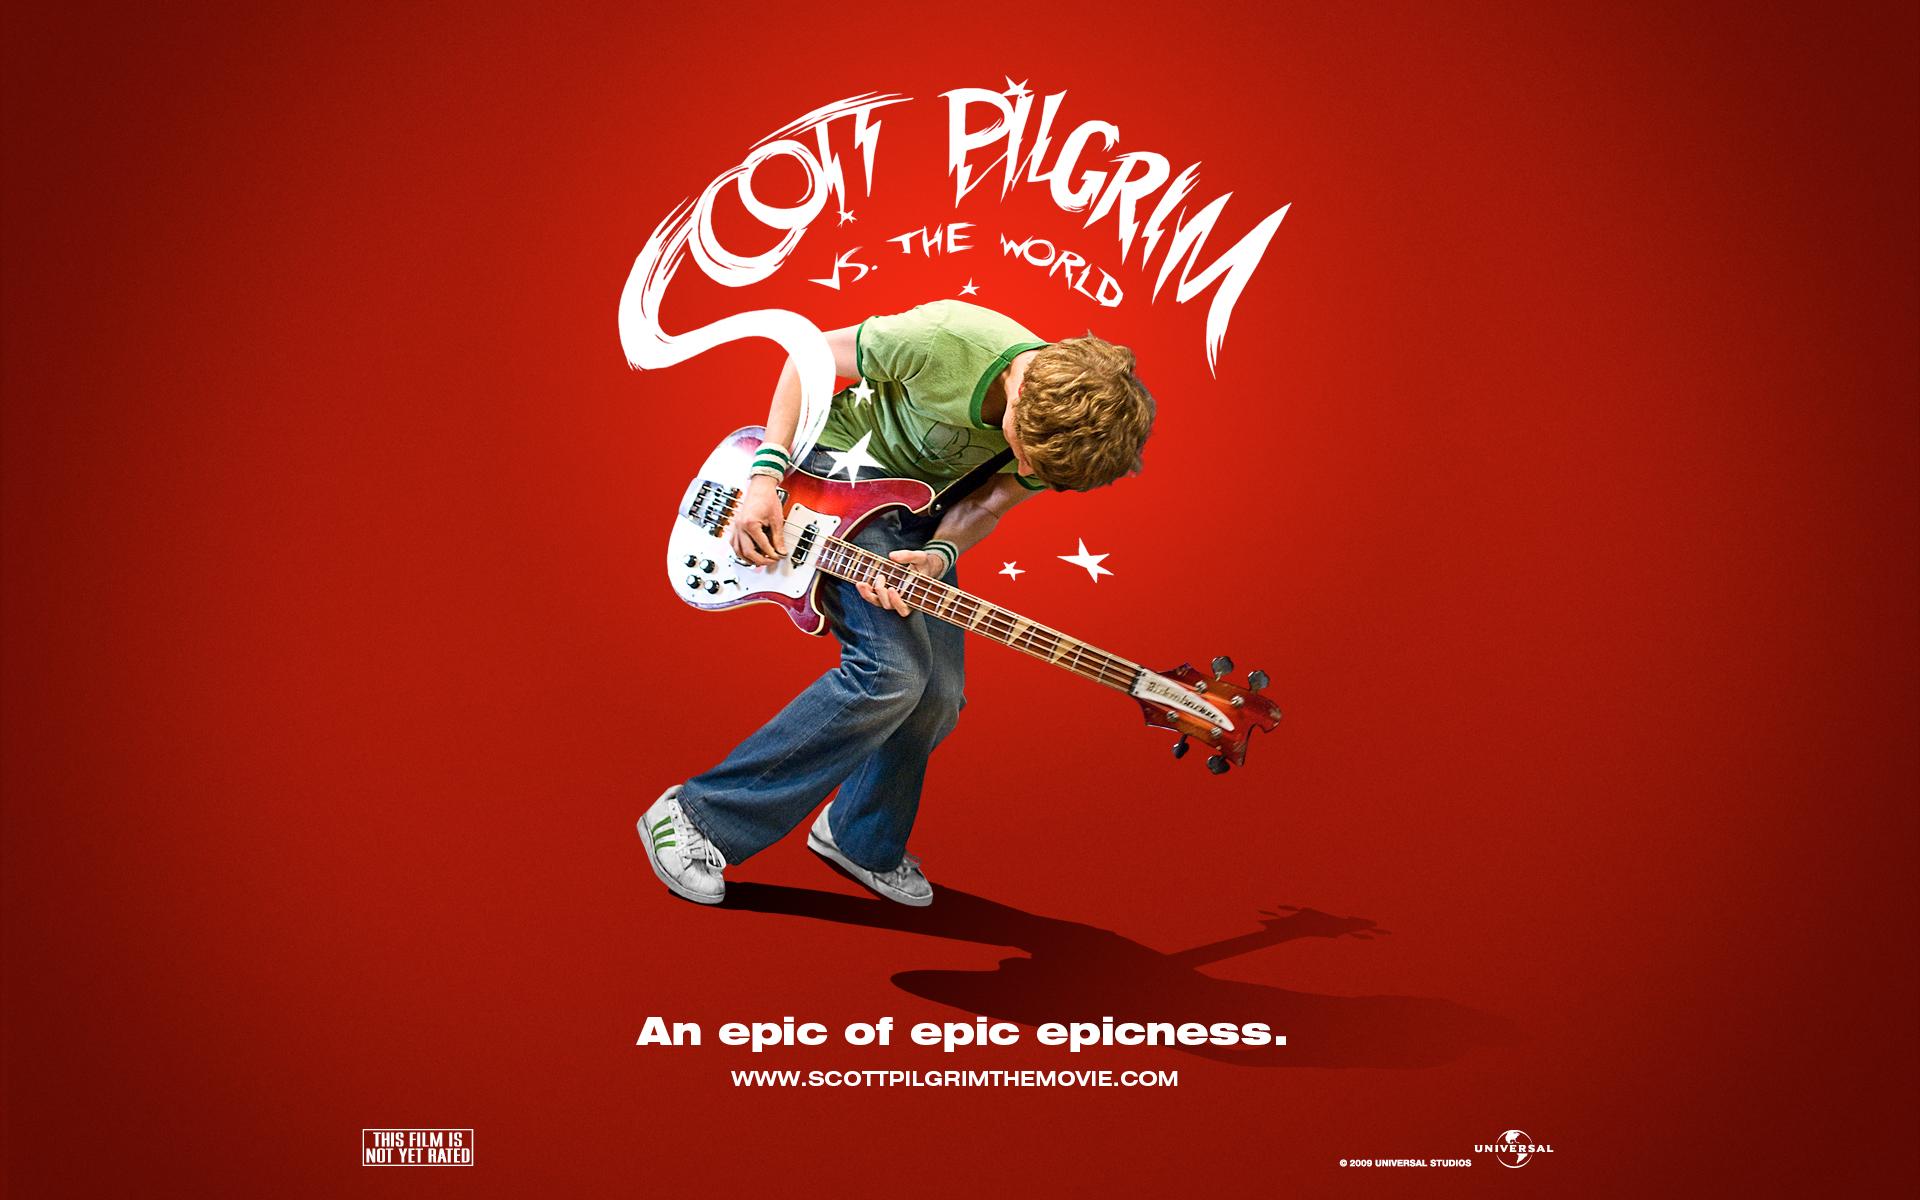 scott_pilgrim_vs_the_world_teaser_poster_wallpaper_1